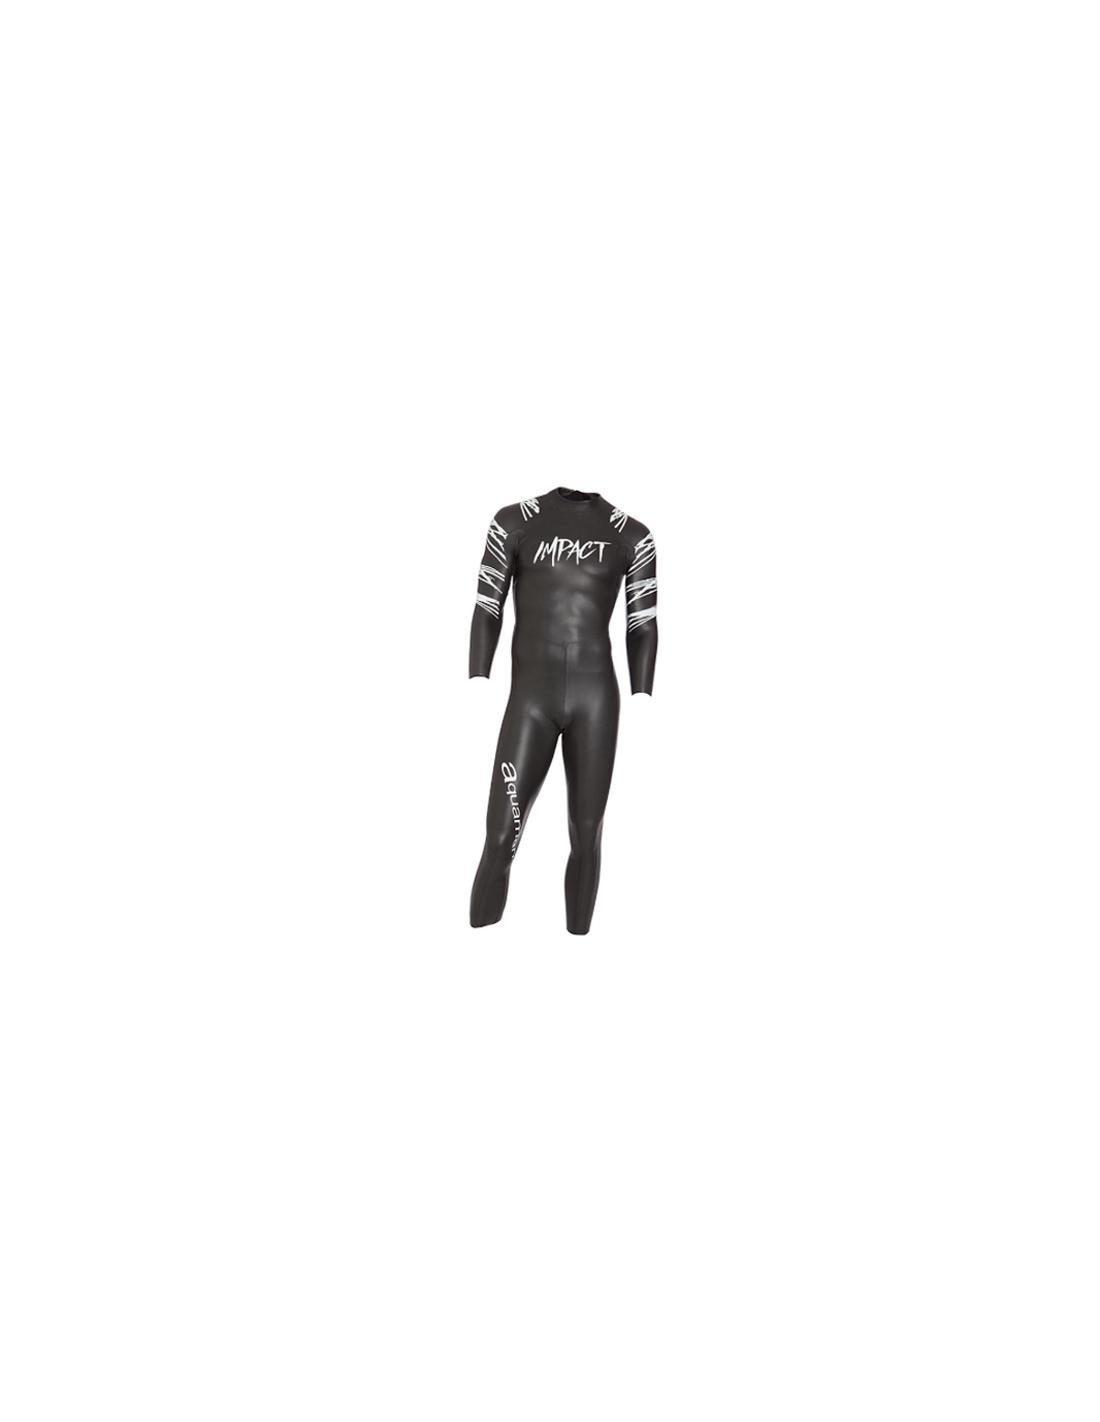 Aquaman traje de triatlón modelo Impact unisex 386b8c3aa11